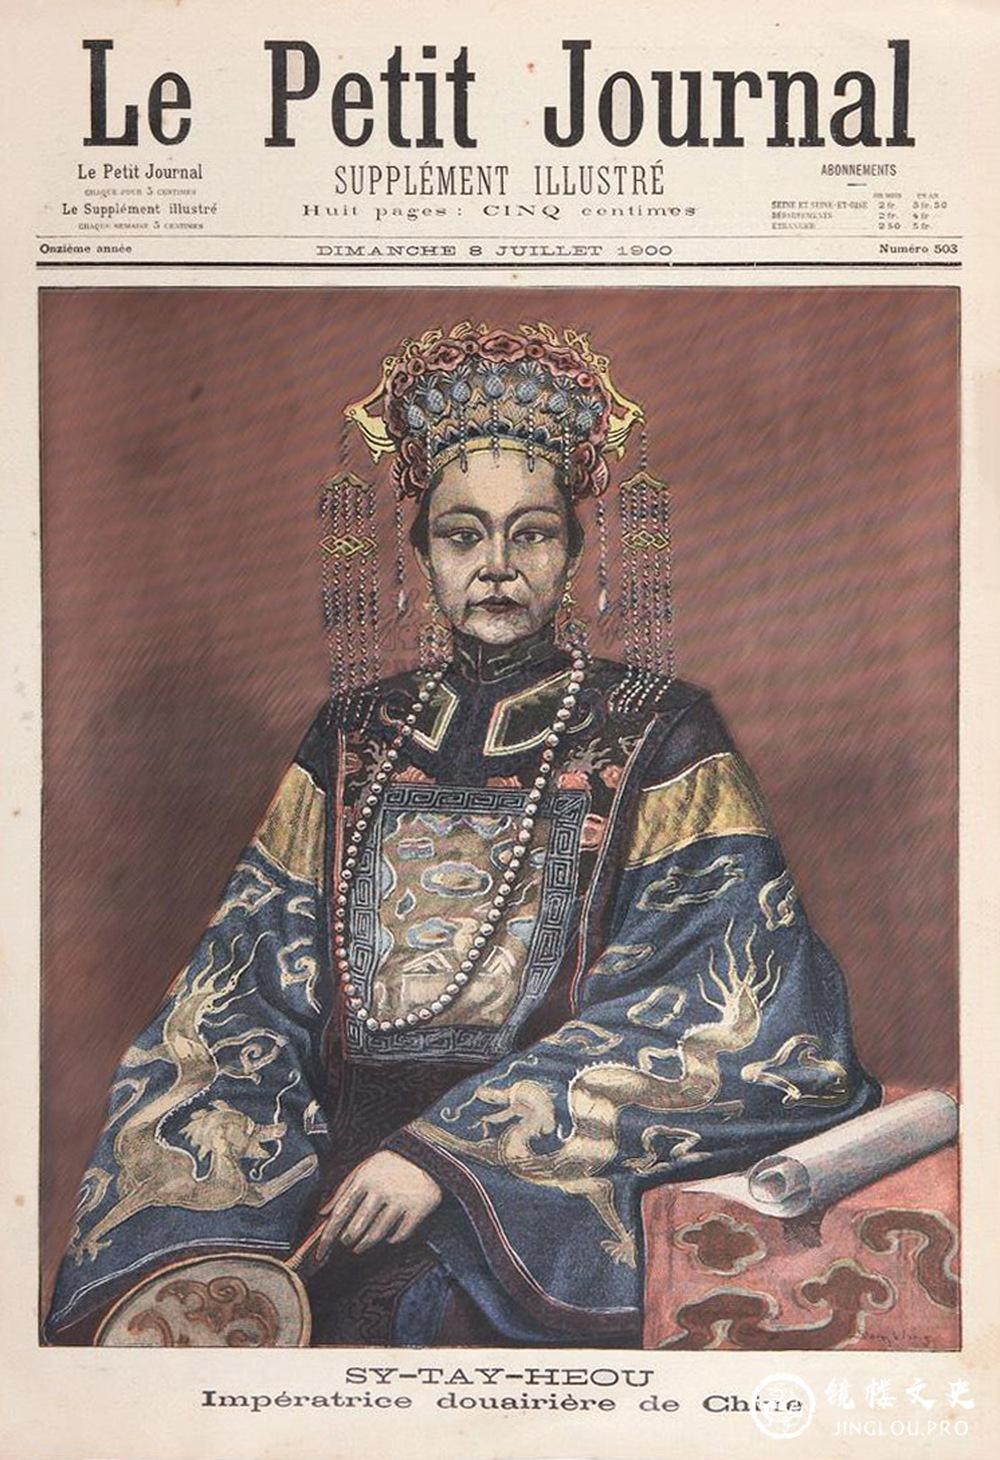 Lần đầu diện kiến Từ Hi Thái hậu, hoàng đế Thanh triều Phổ Nghi đã nhìn thấy gì mà sợ hãi đến mức khóc toáng lên? - Ảnh 6.